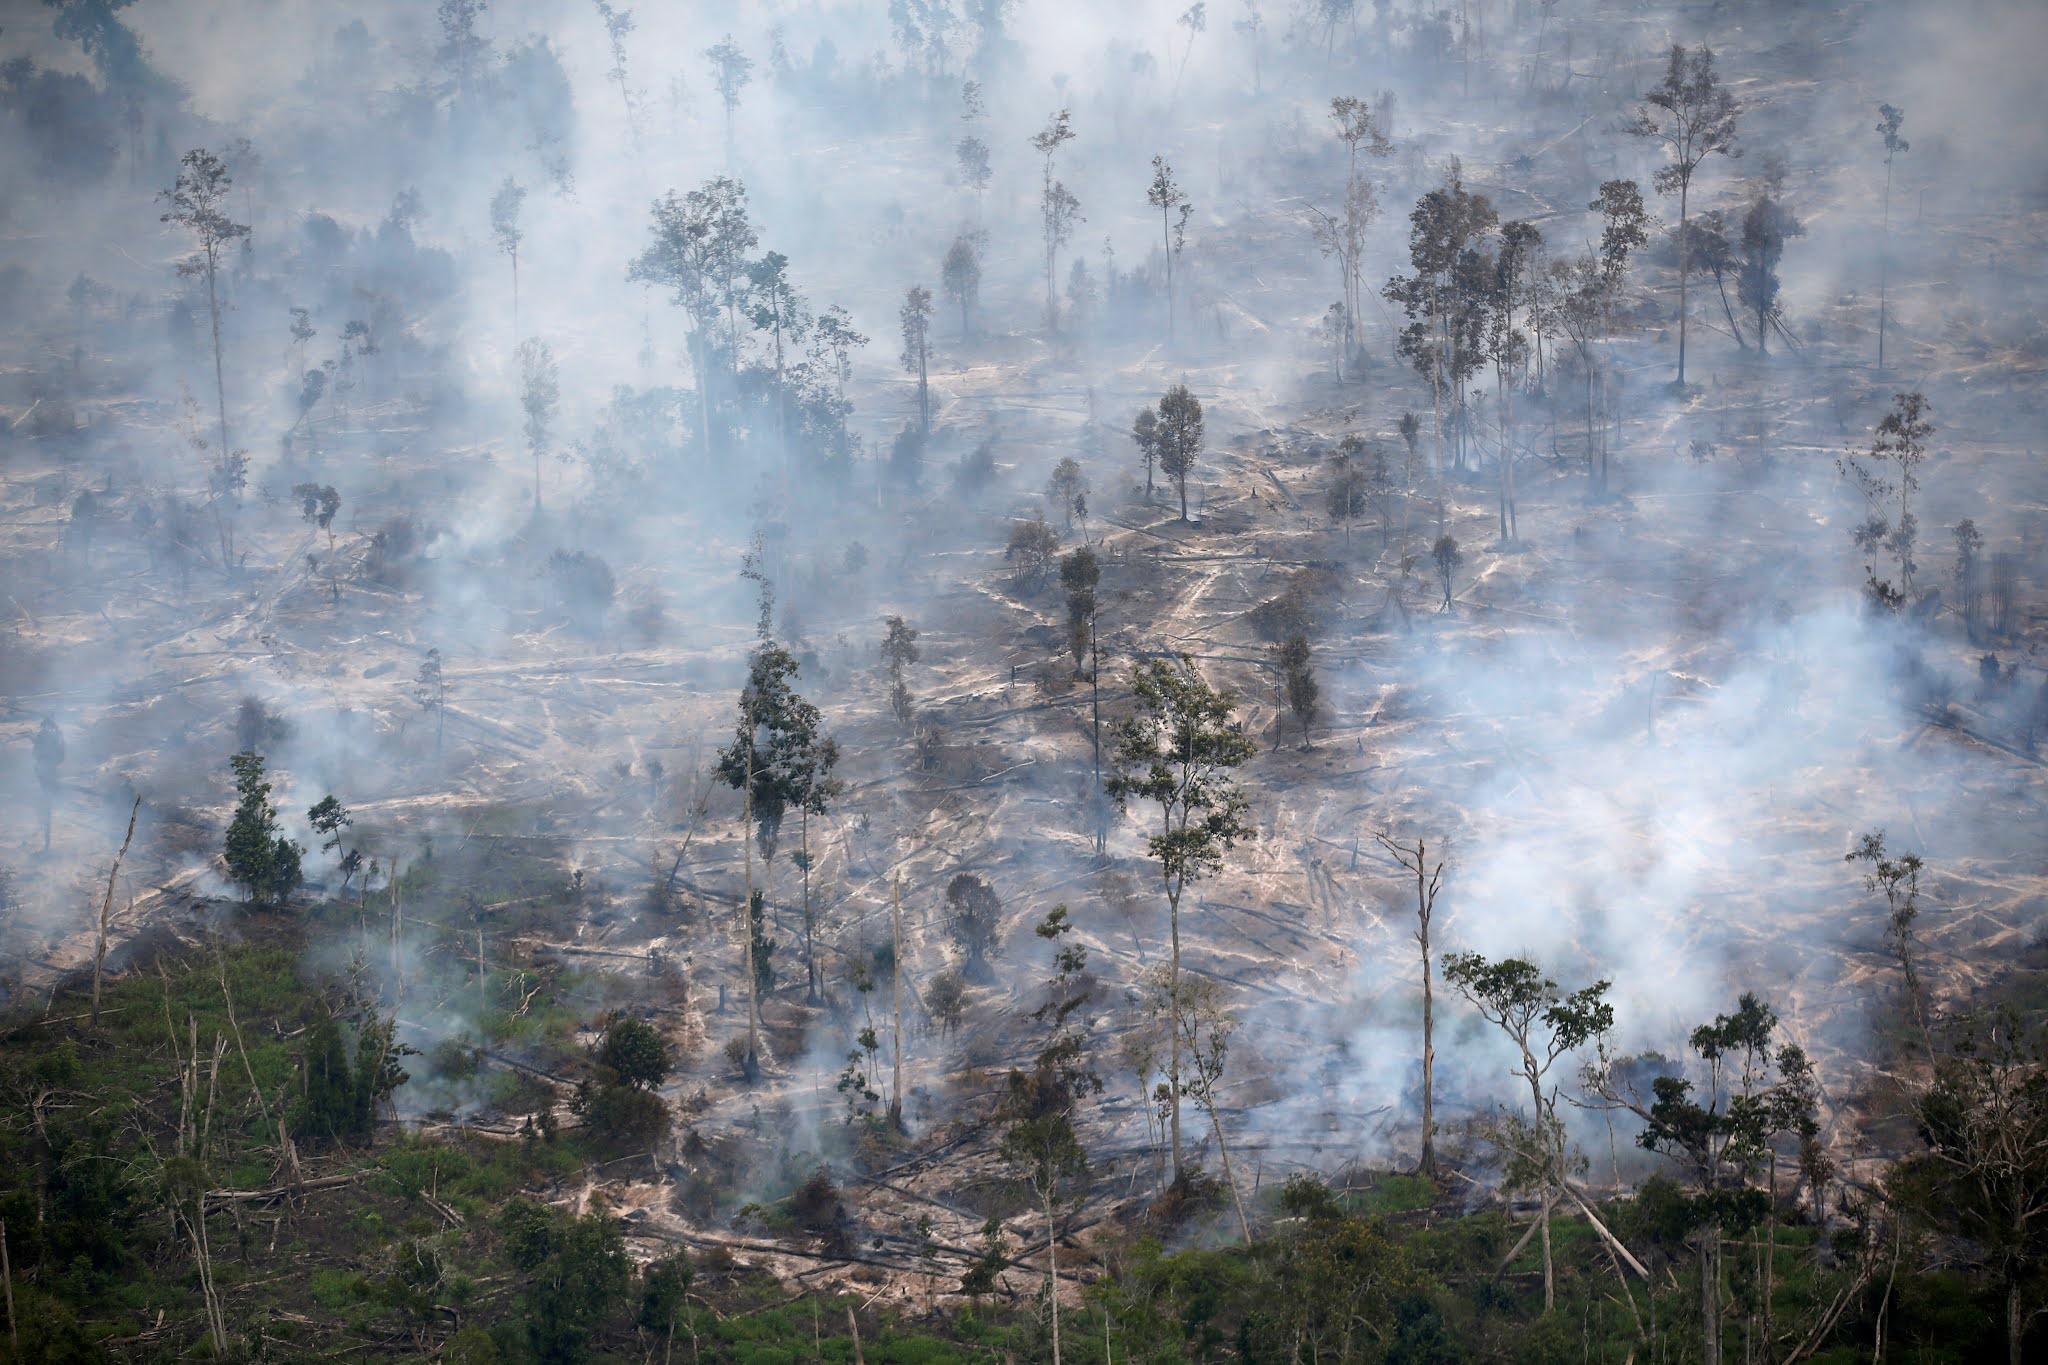 Dukung Emisi Nol Karbon, Indonesia Justru Akhiri Kerjasama Dengan Norwegia